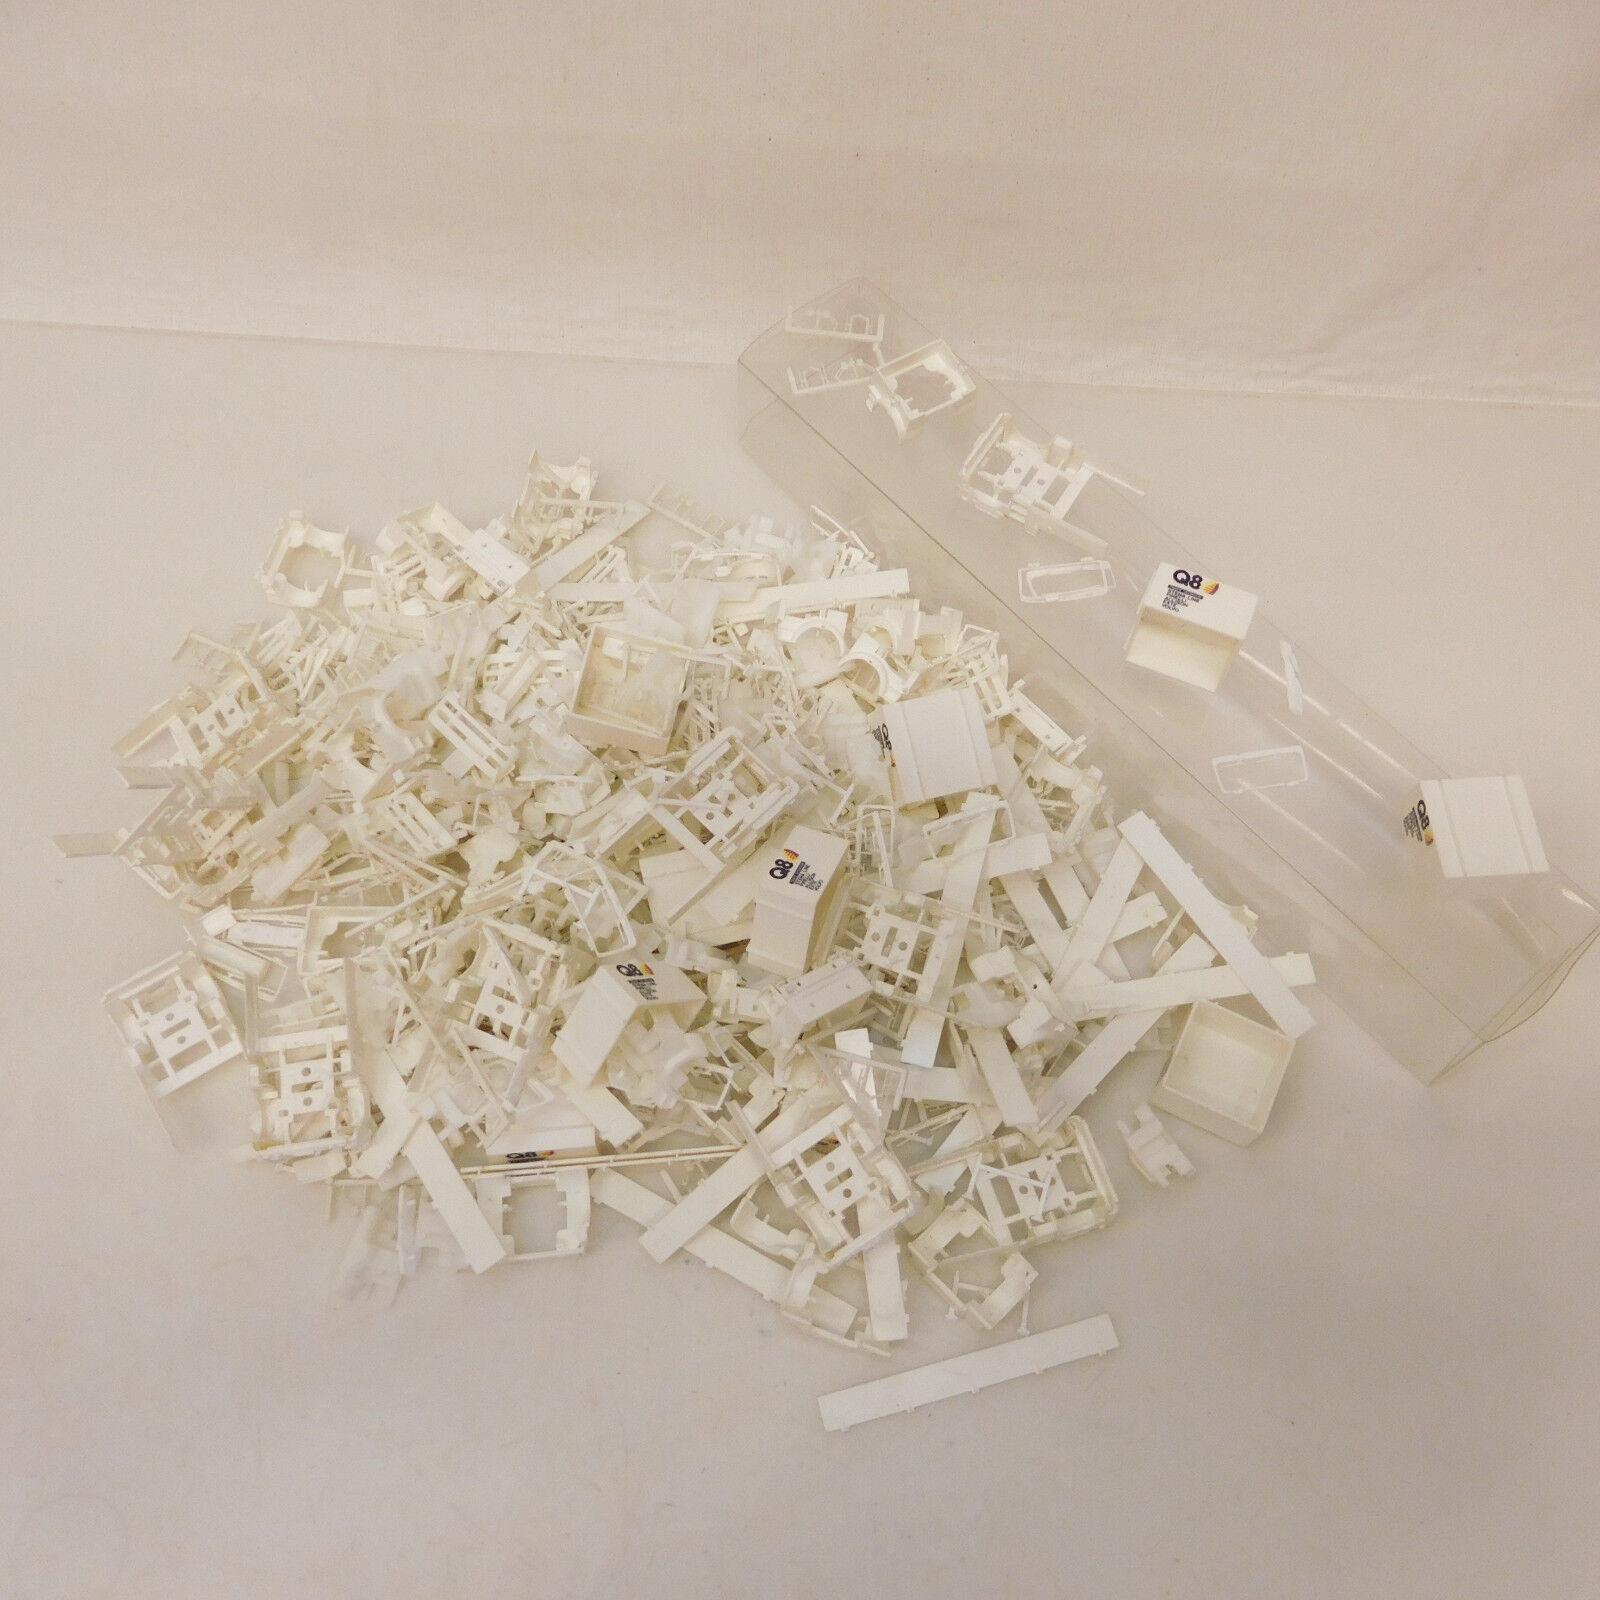 Mes-60921 1 87 1000 St. Camion pezzi di ricambio bianco ottime condizioni